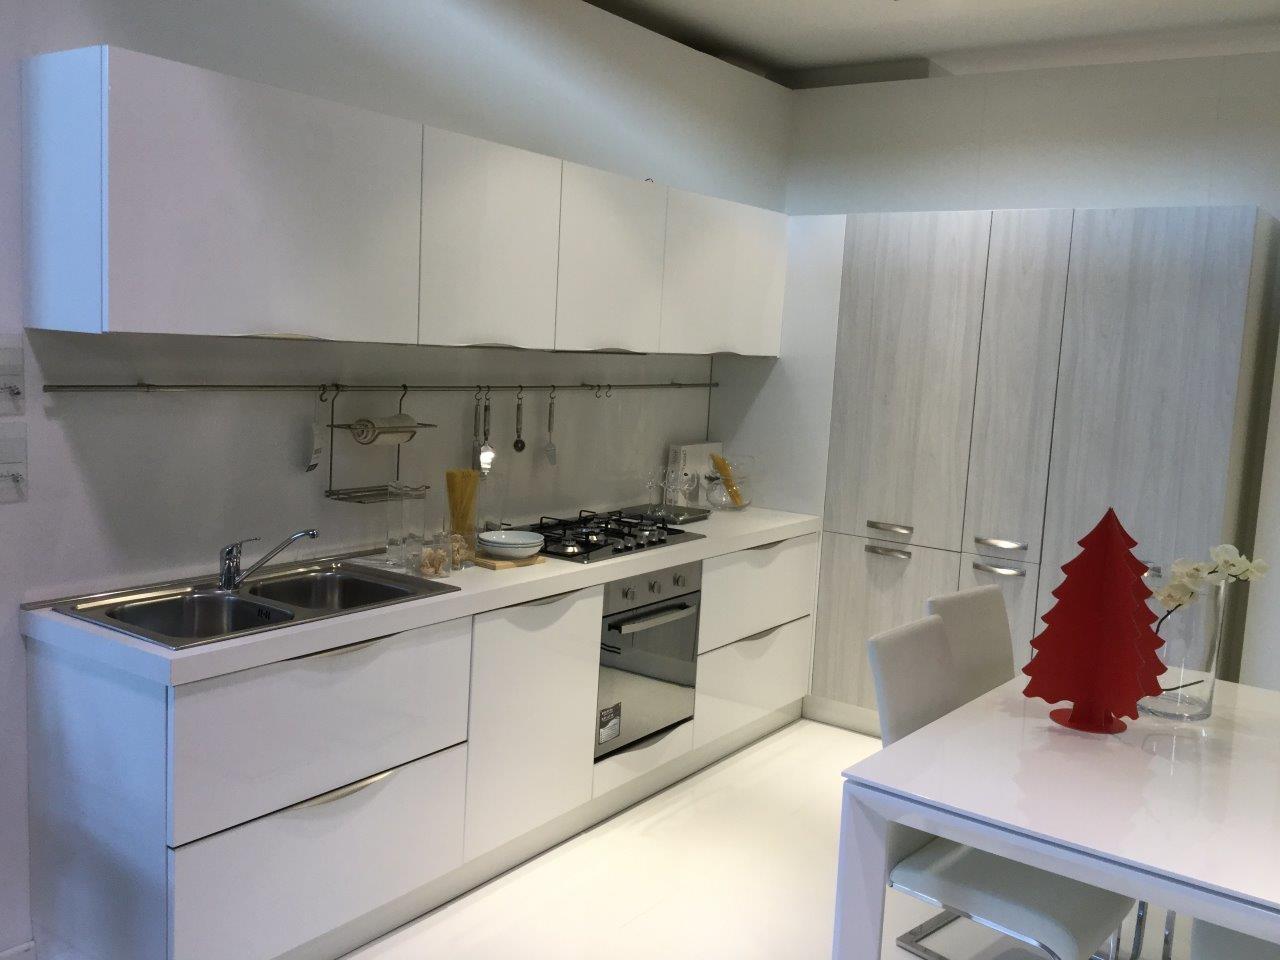 Cucina moderna ad angolo modello pesaro perugia cucine for Cucine perugia